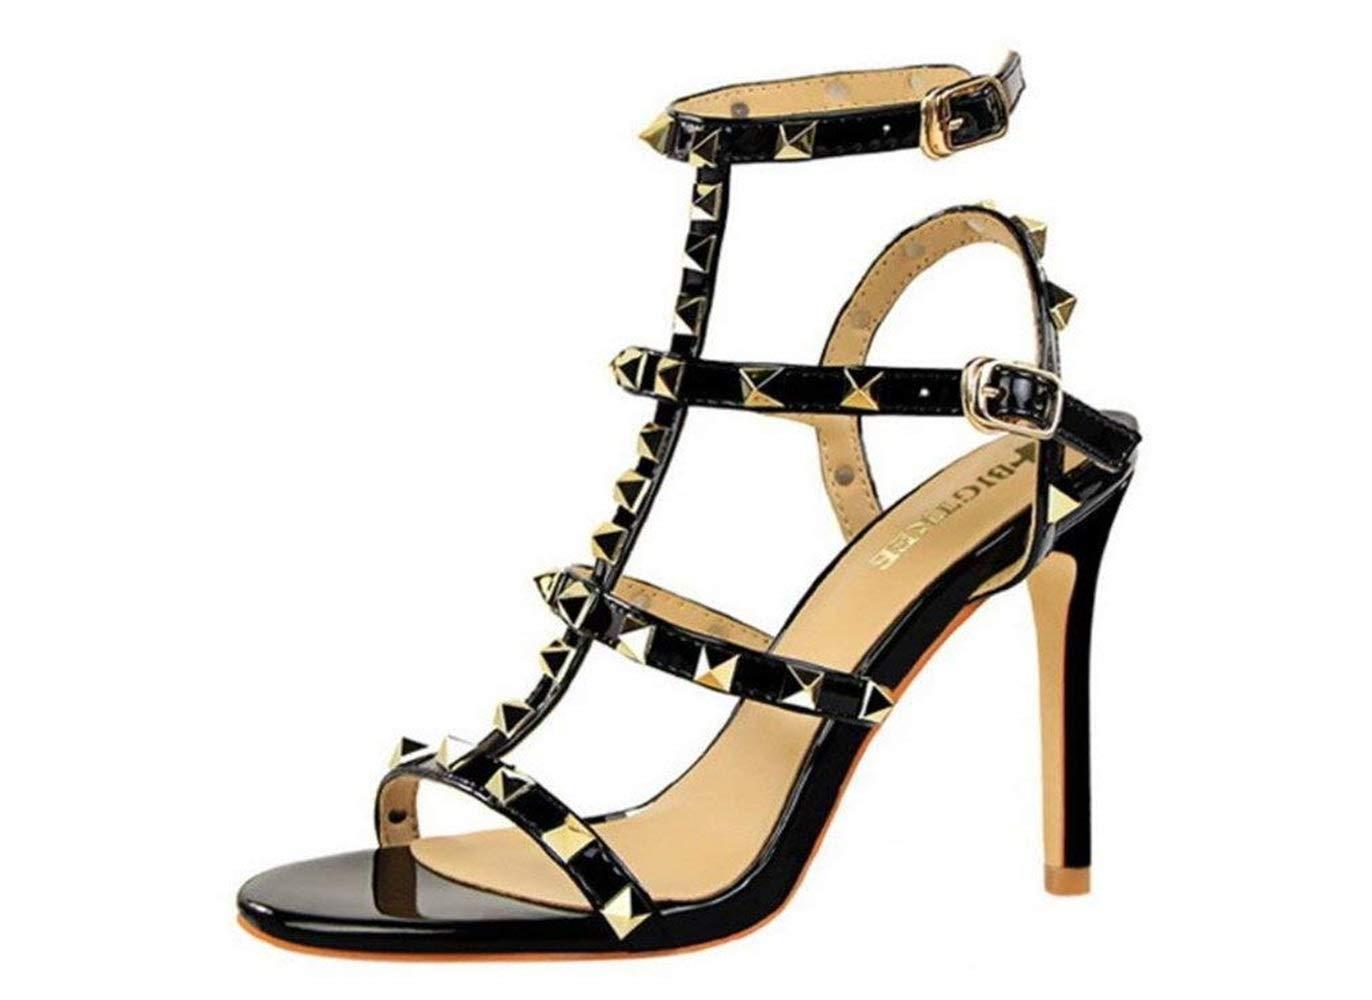 Moontang Frauen Sandalen High Heels Niet PU Peep Toe Pumps Satin Braut Damen Frauen Hochzeit Party Schuhe, 10 cm (Farbe   Schwarz, Größe   EU40)